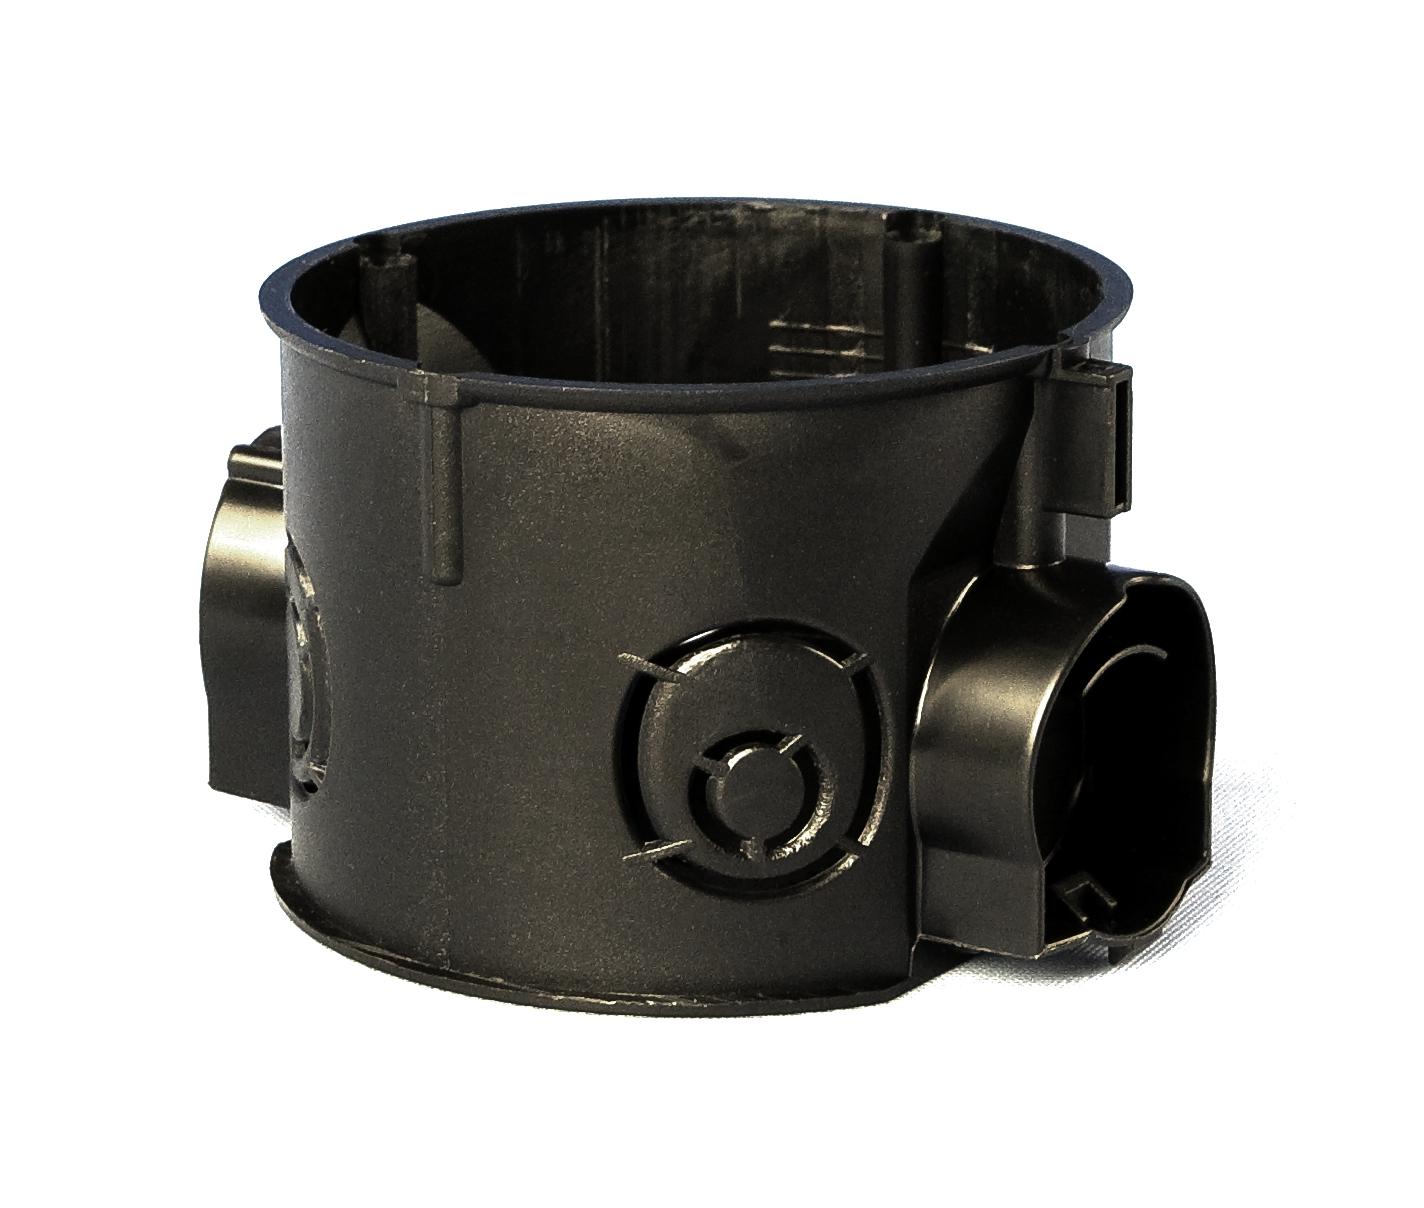 100 Stk UP-Kombi Schalterdose d60xt41mm, Einführung M25, schwarz, PS GTDU10625-